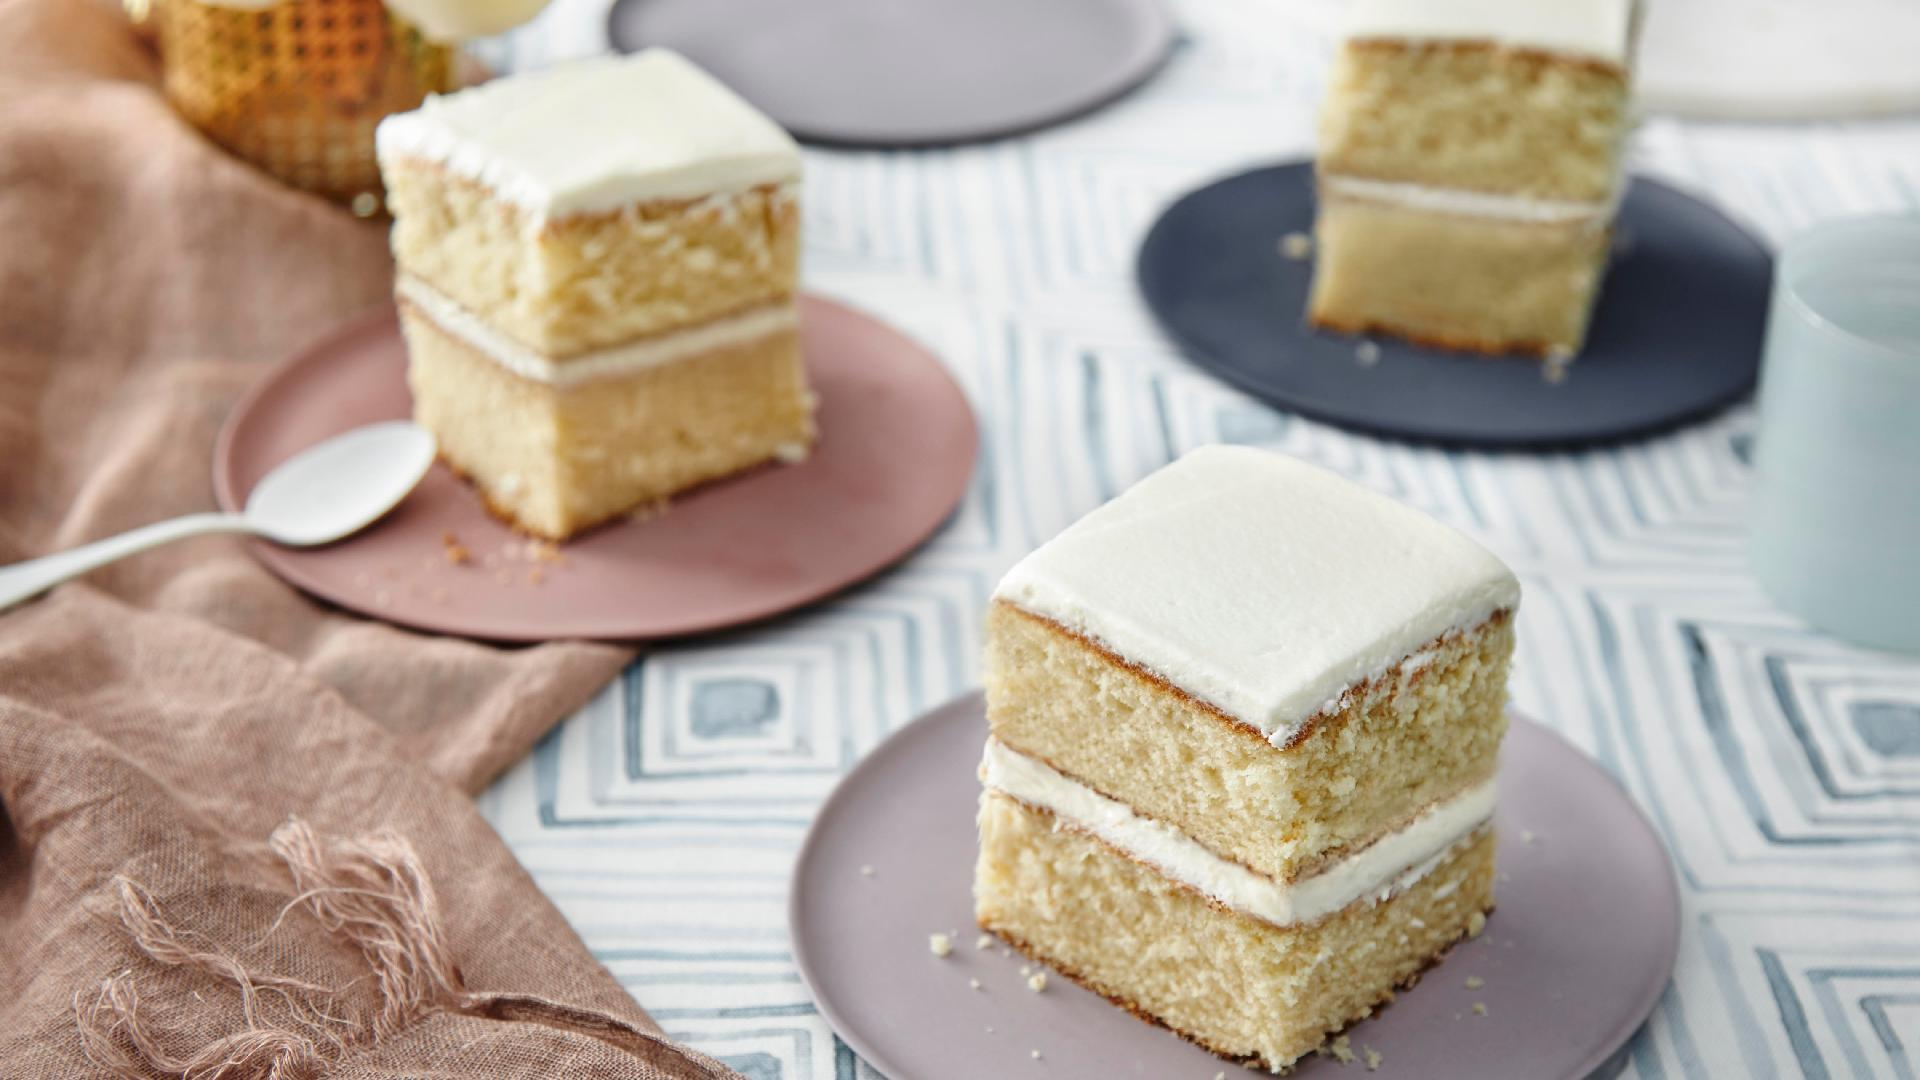 How to Make 1-2-3-4 Cake